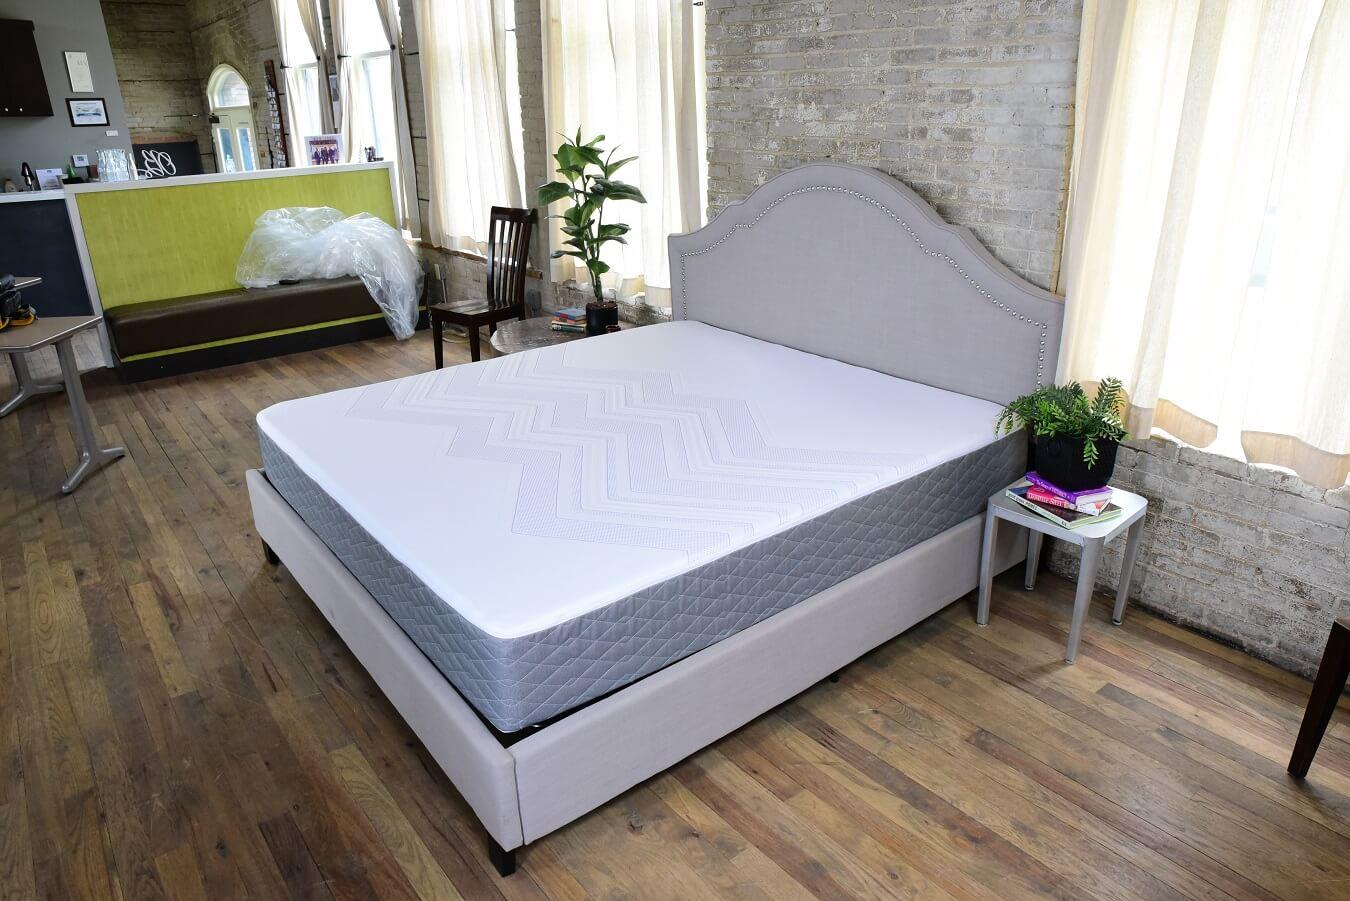 Original Custom Foam Mattress - Juna Sleep Systems Sioux Falls SD